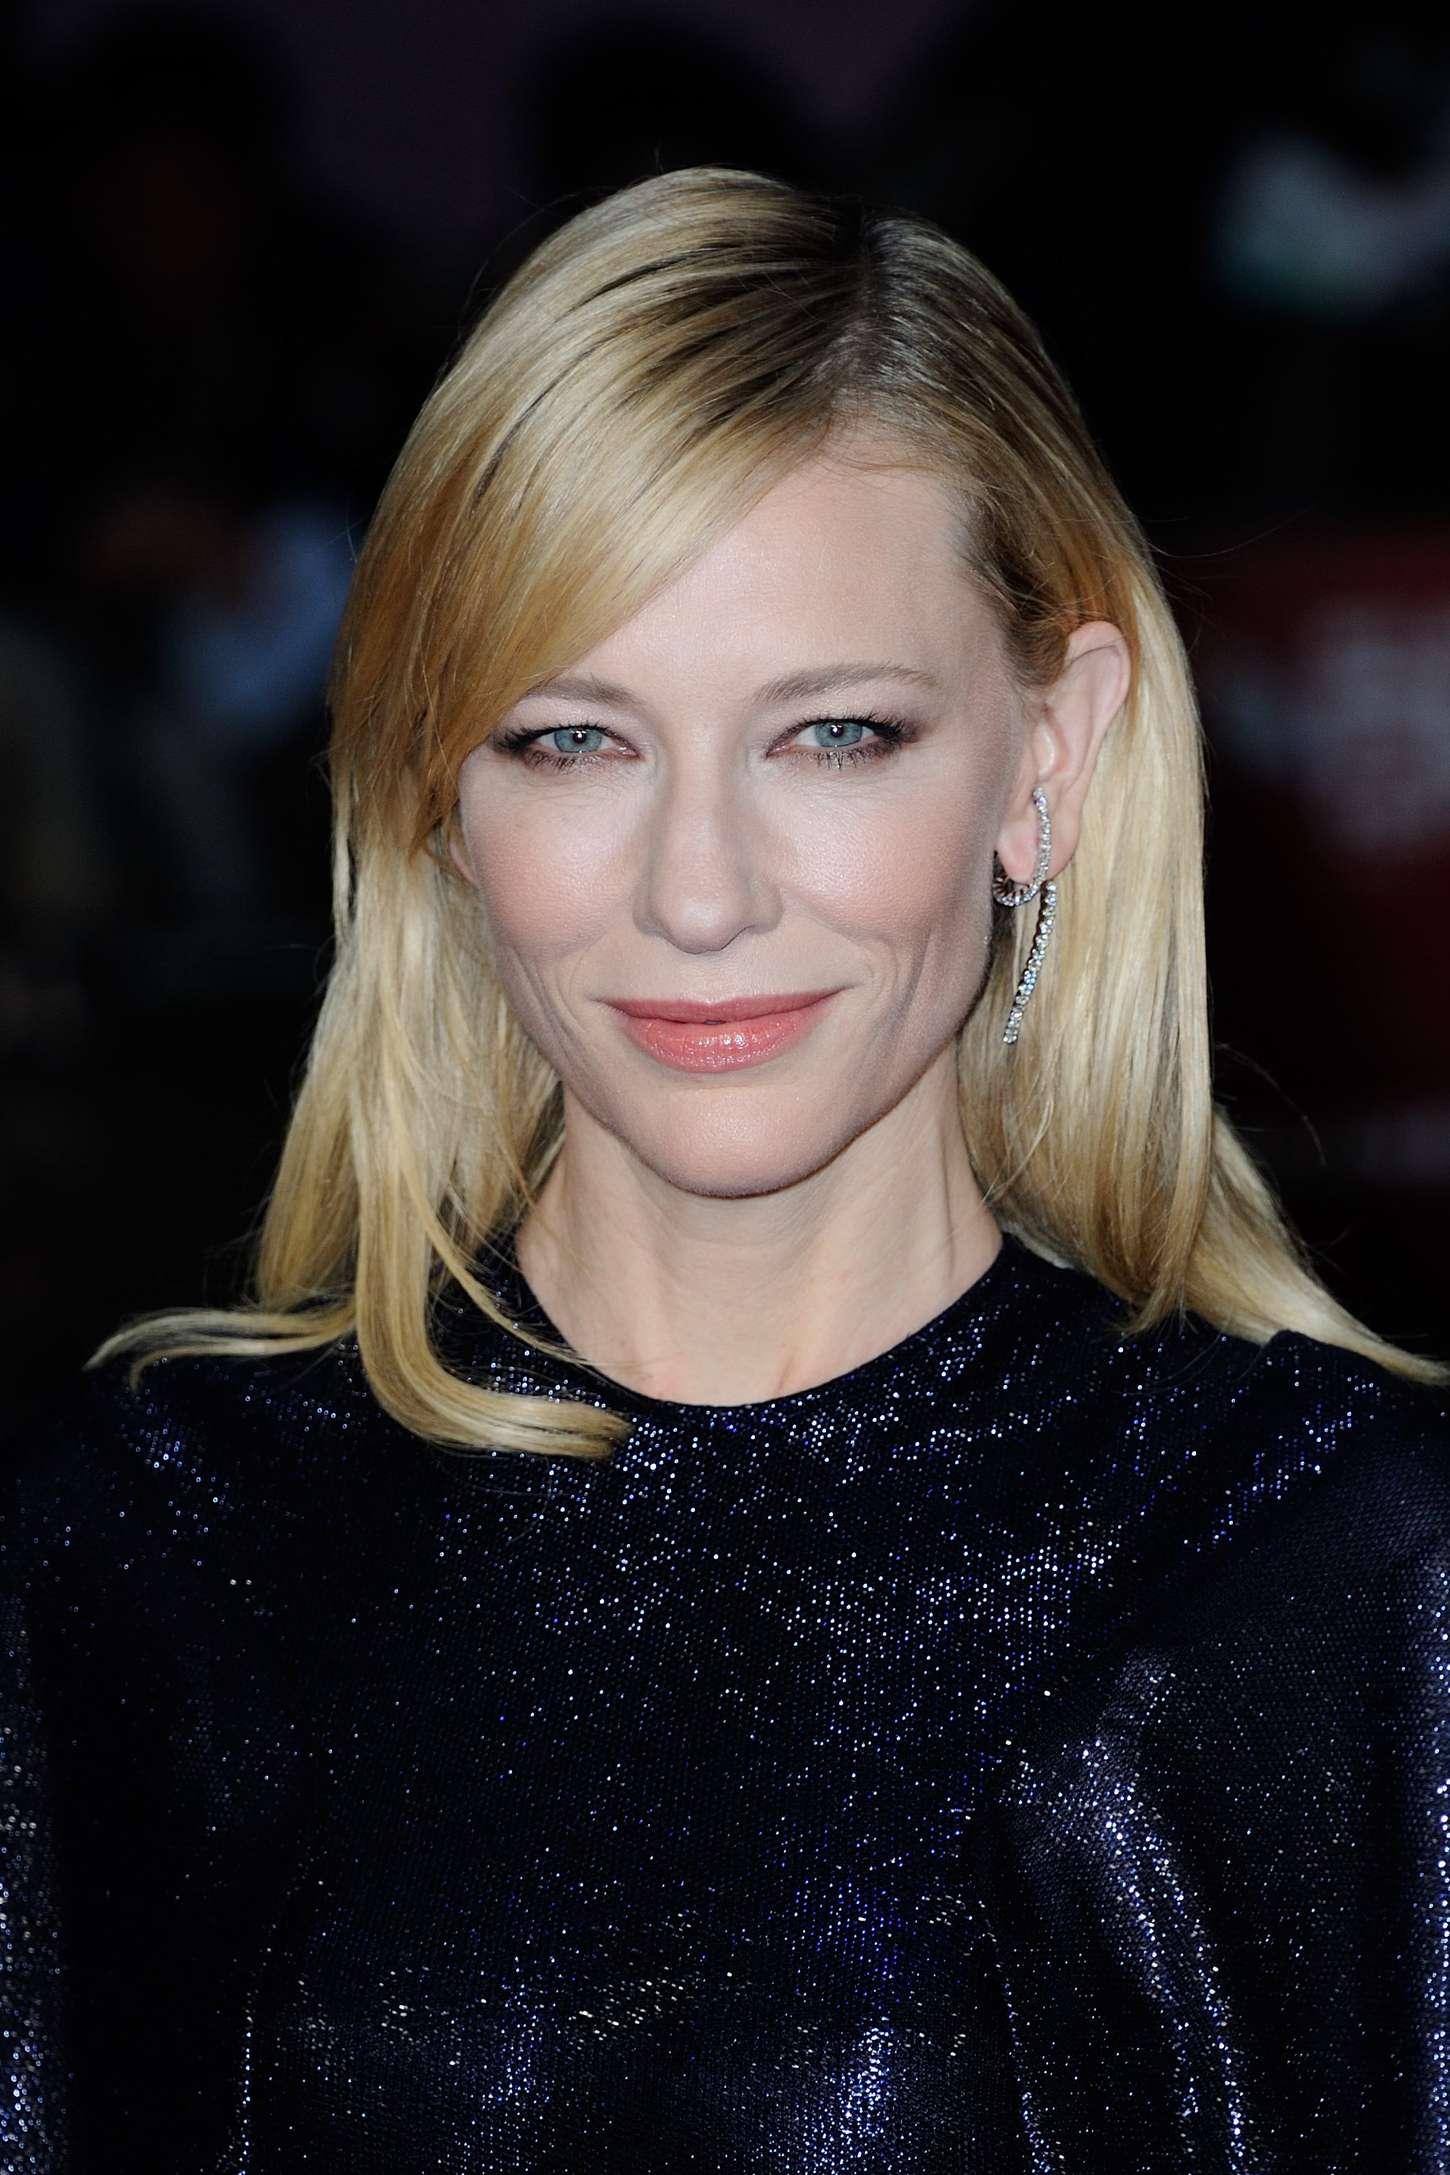 Cate Blanchett: Carol ... Cate Blanchett